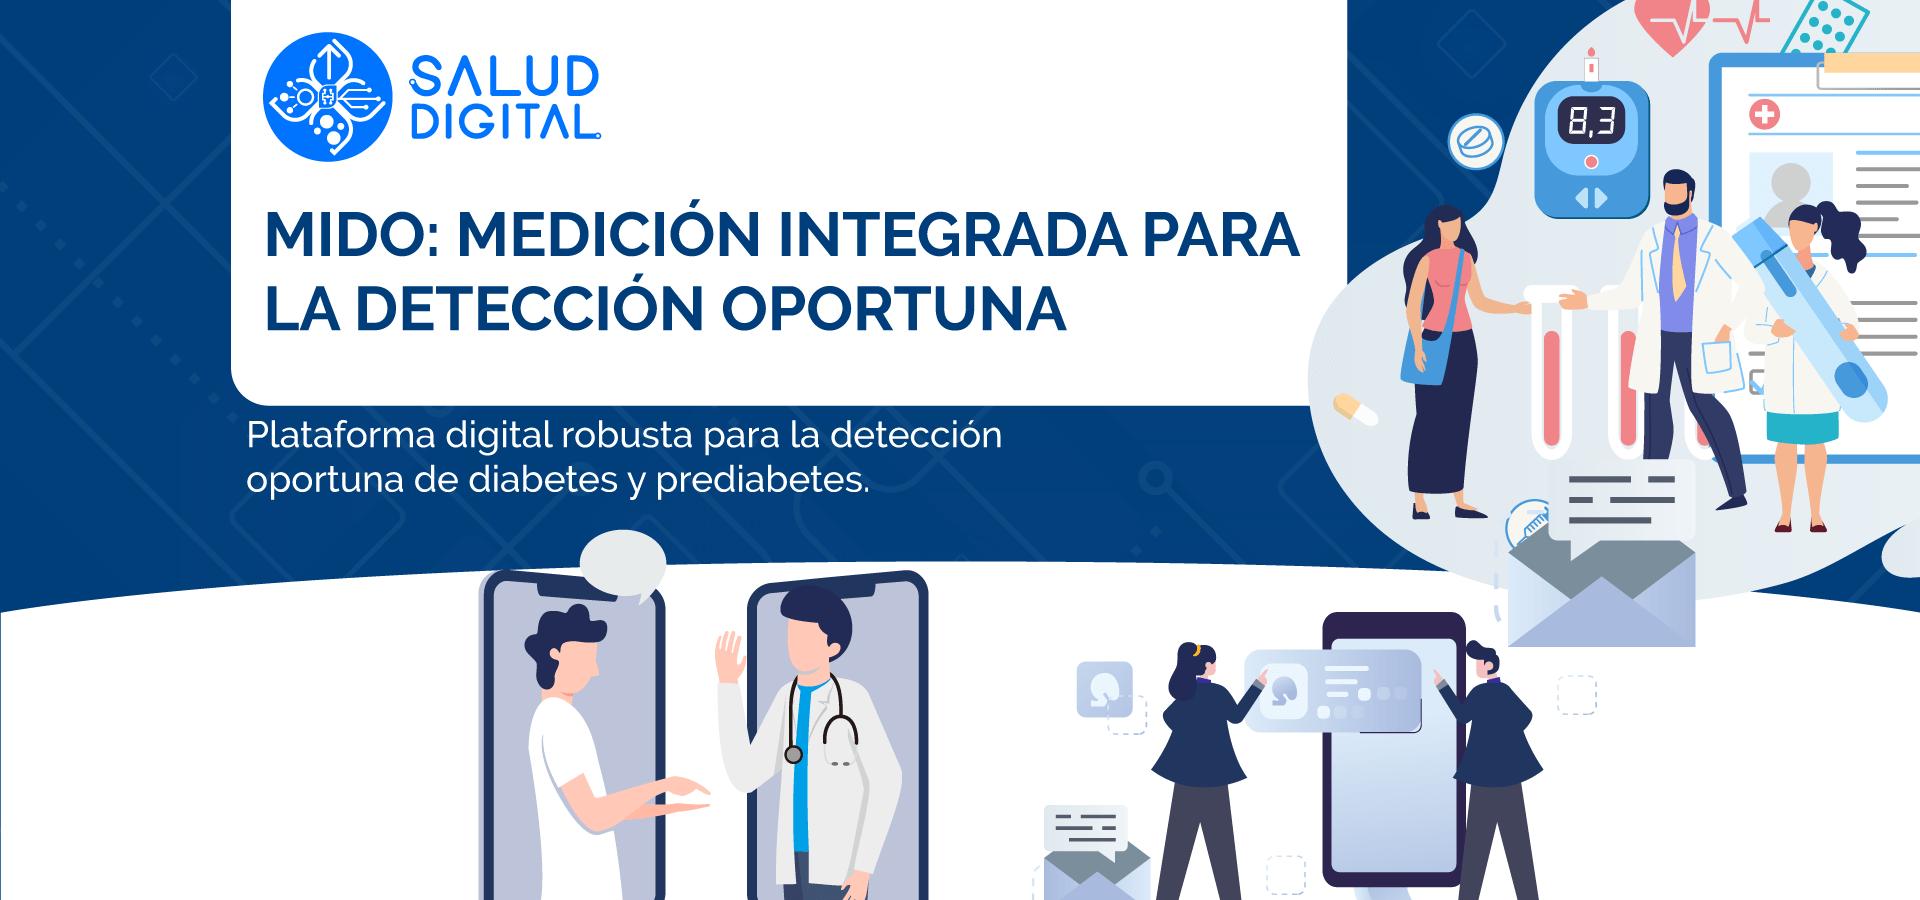 MIDO-Medición-Integrada-para-la-Detección-Oportuna-1920X900